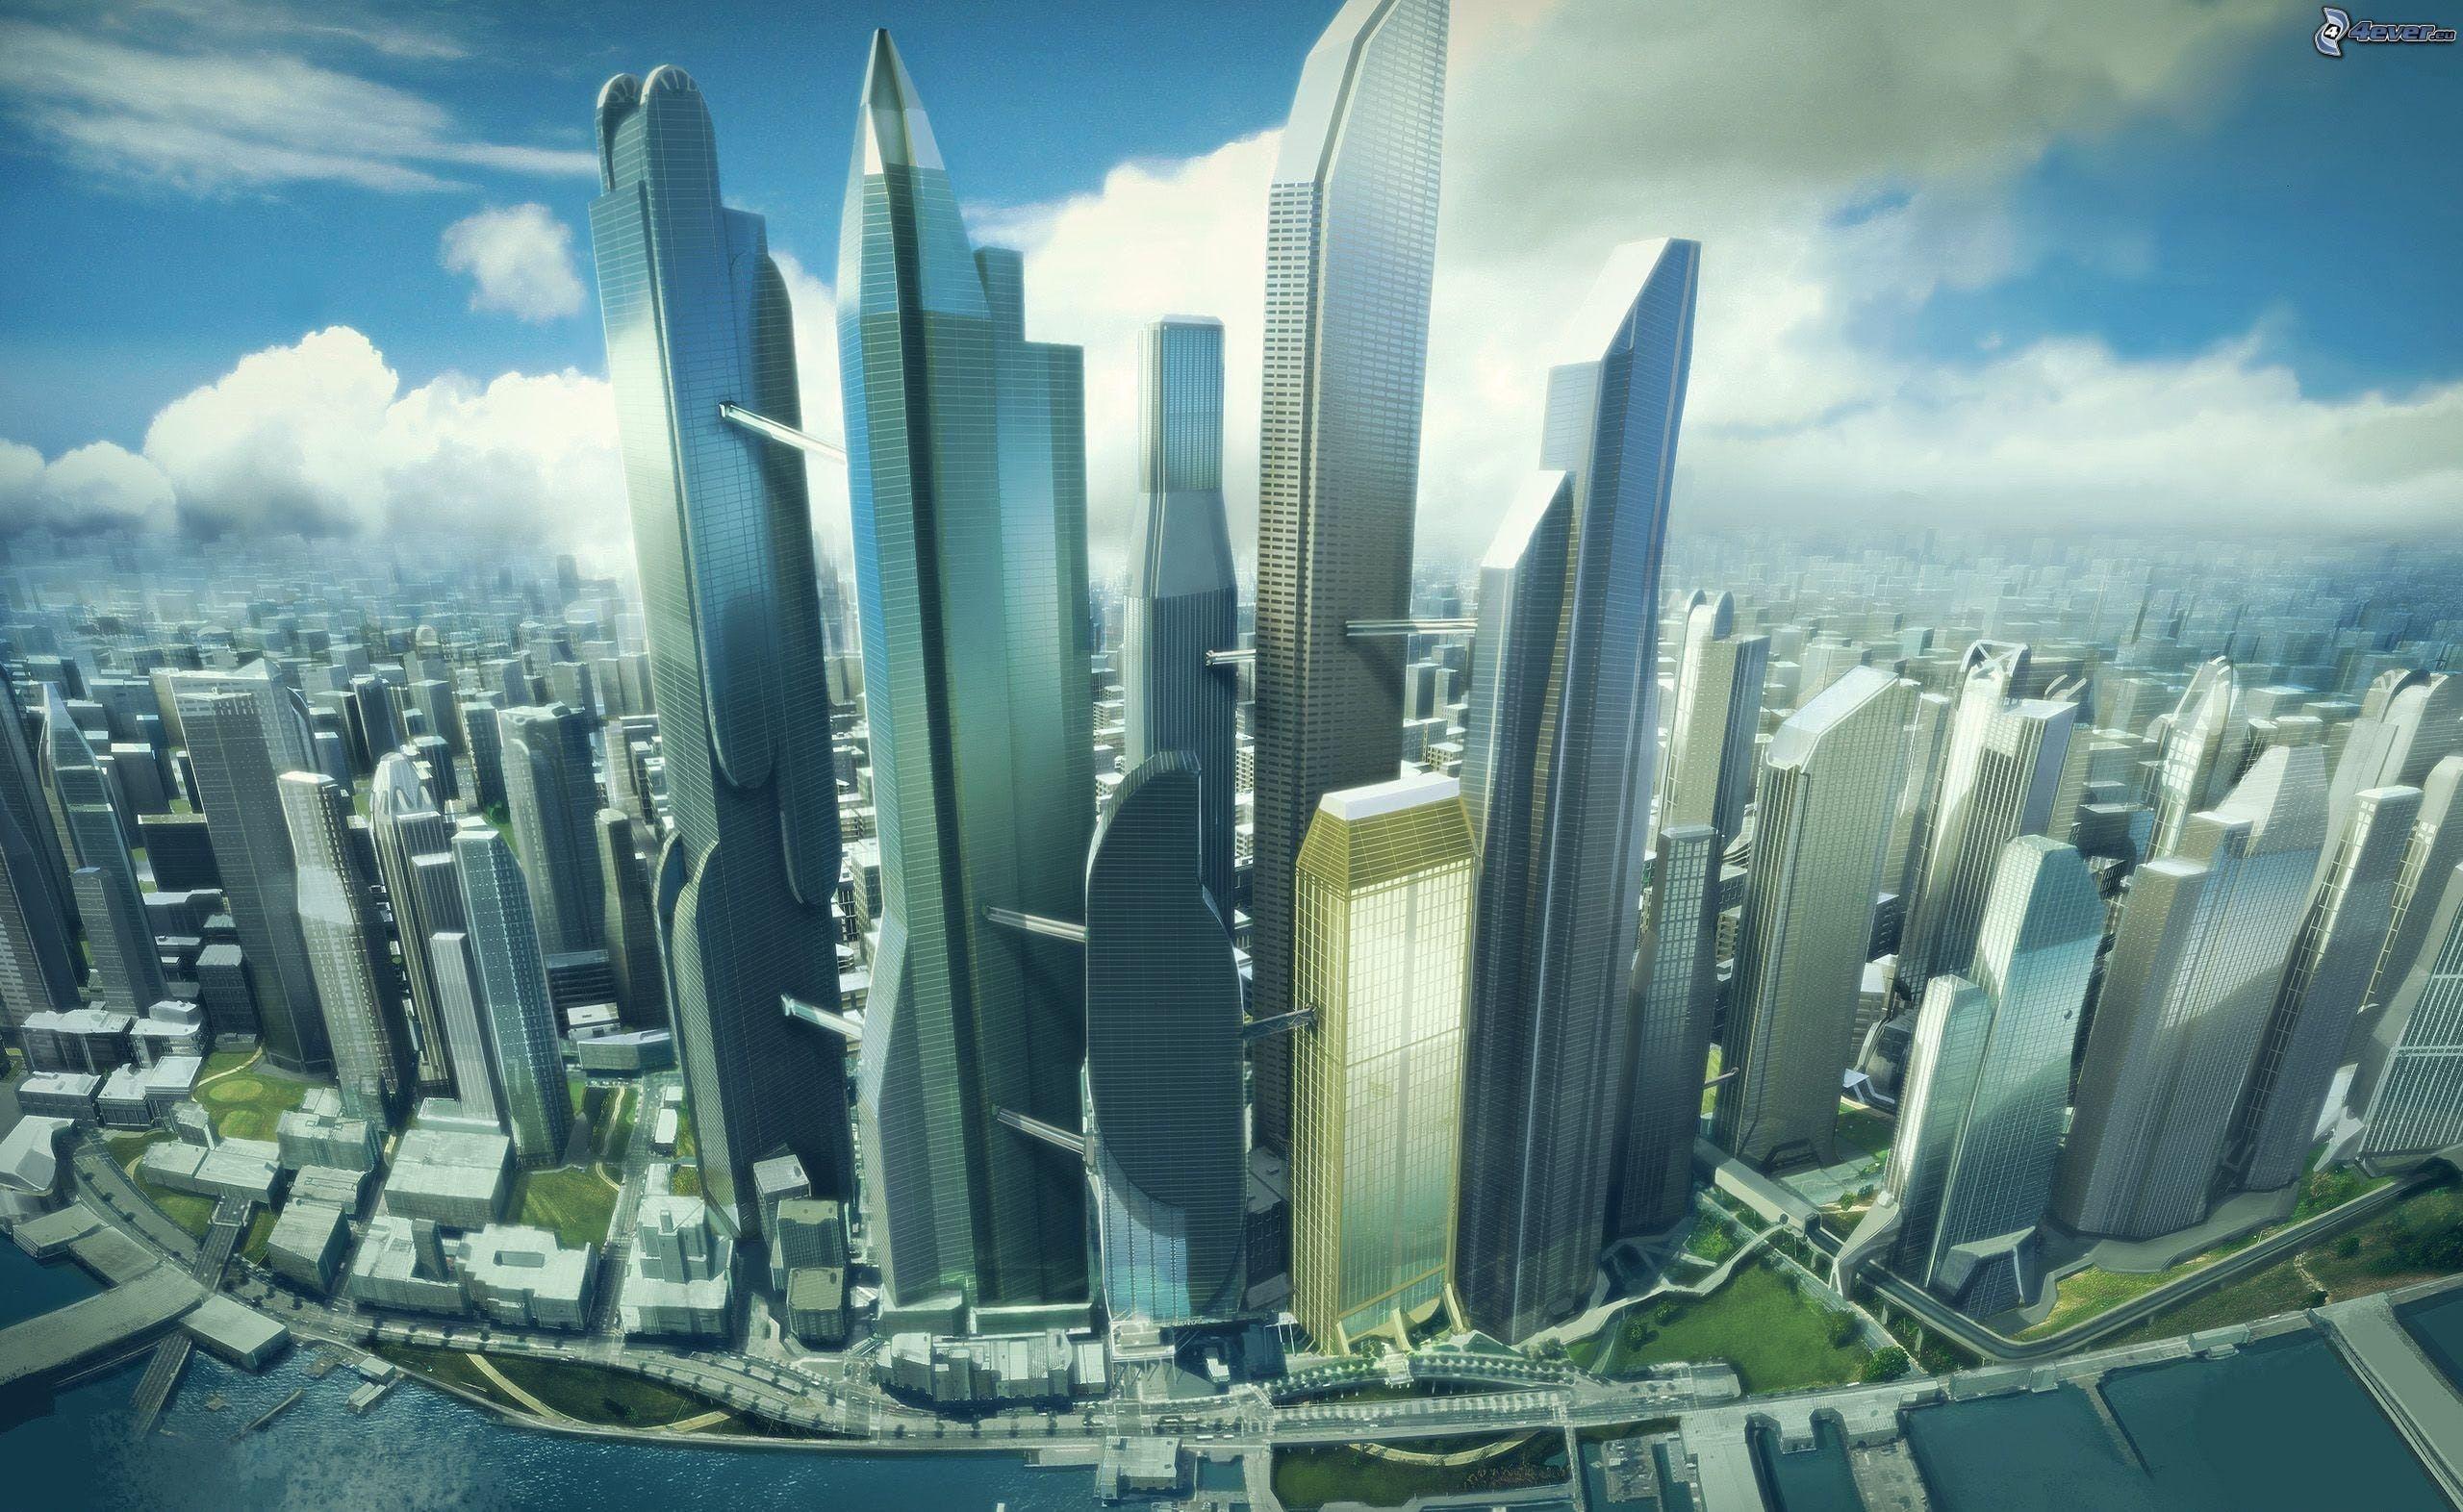 Free stock photo of futuristic, skyscrapers